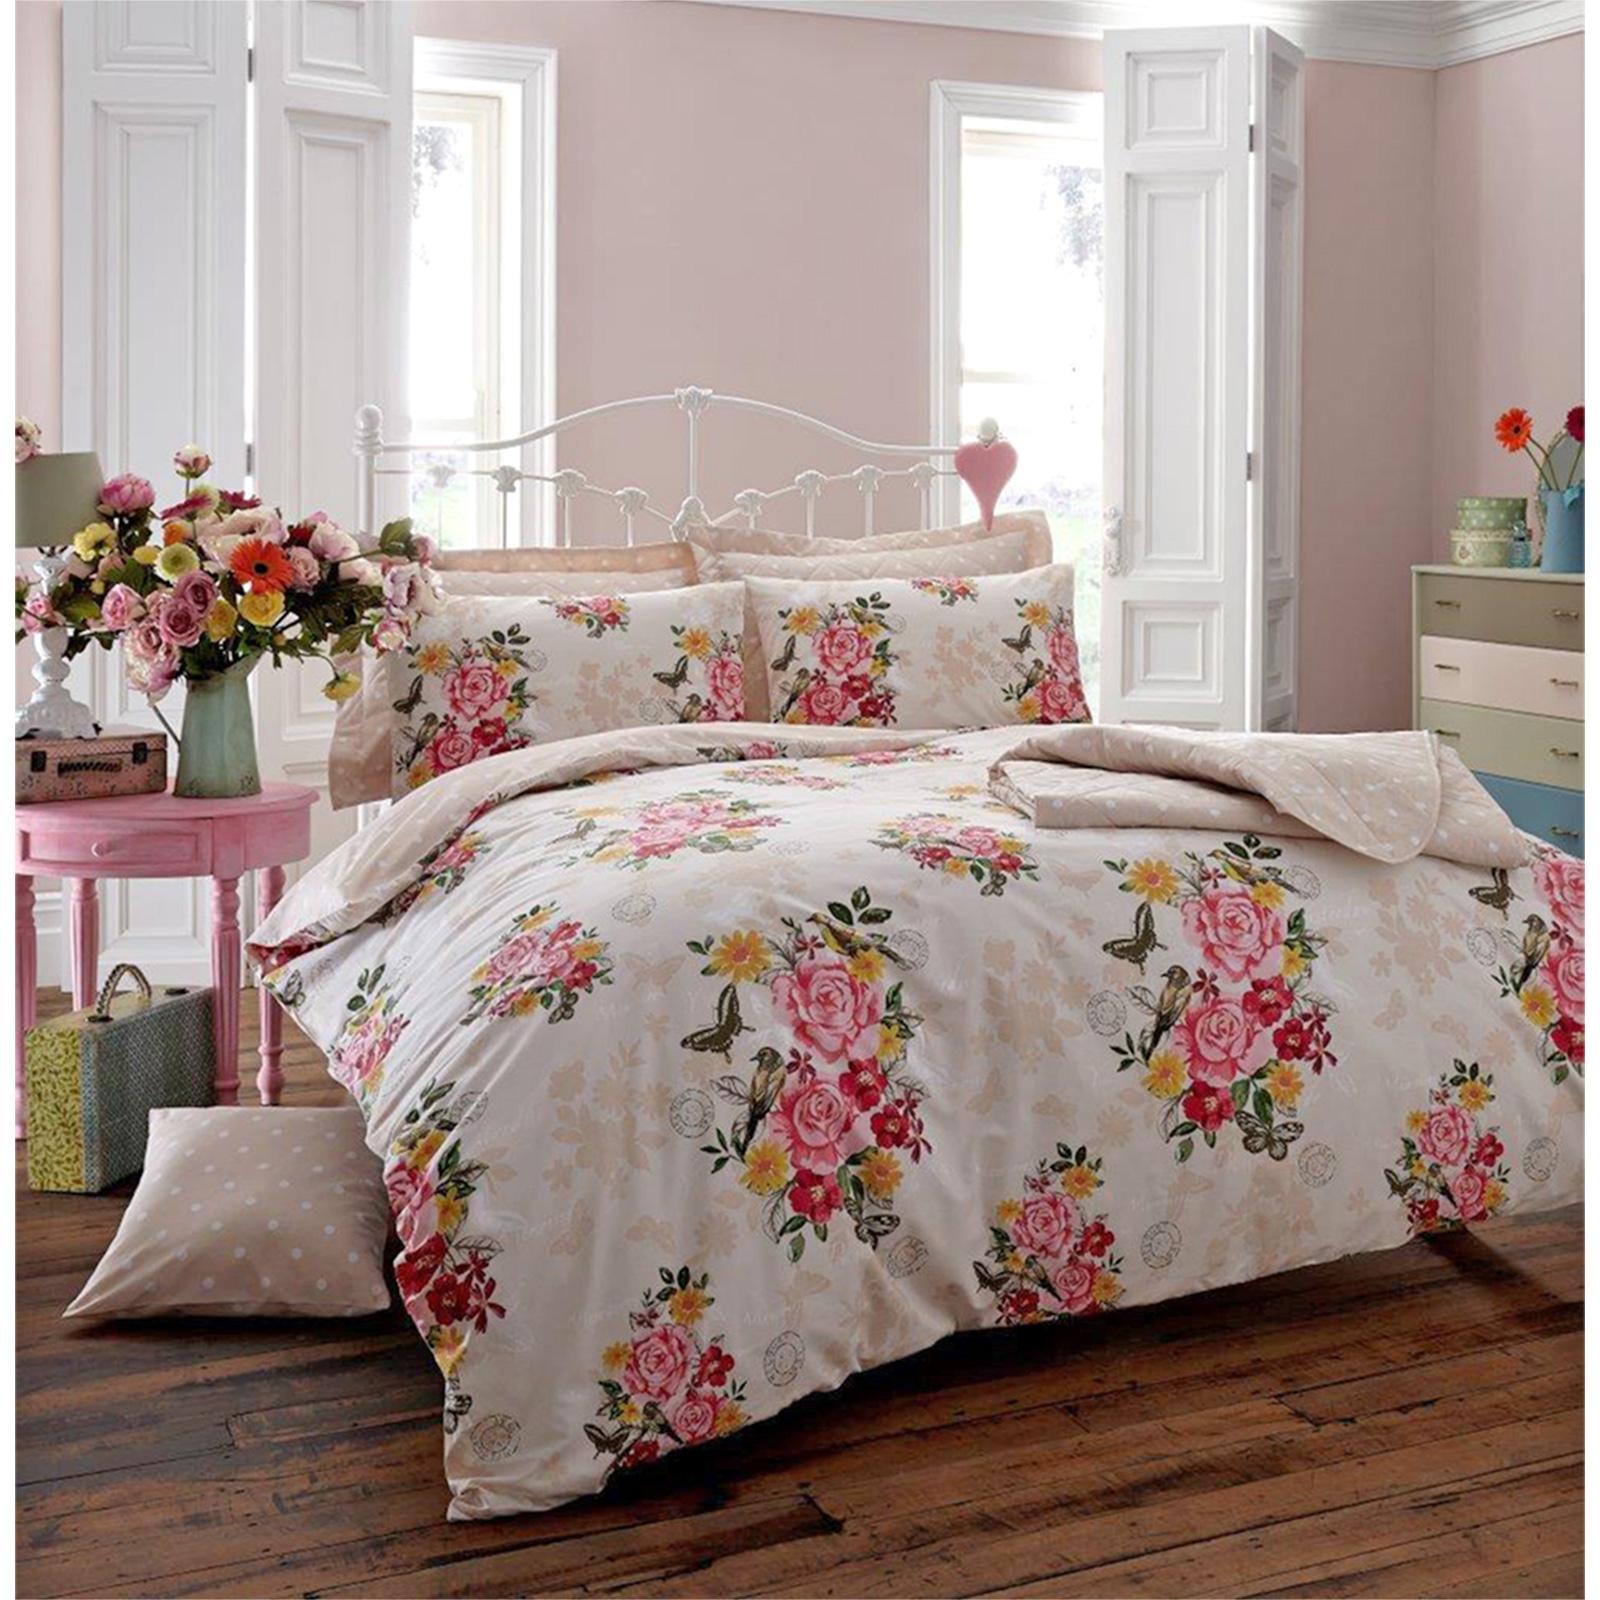 plus recherch s vintage roses jardin housse de couette avec des fleurs oiseaux papillon ebay. Black Bedroom Furniture Sets. Home Design Ideas